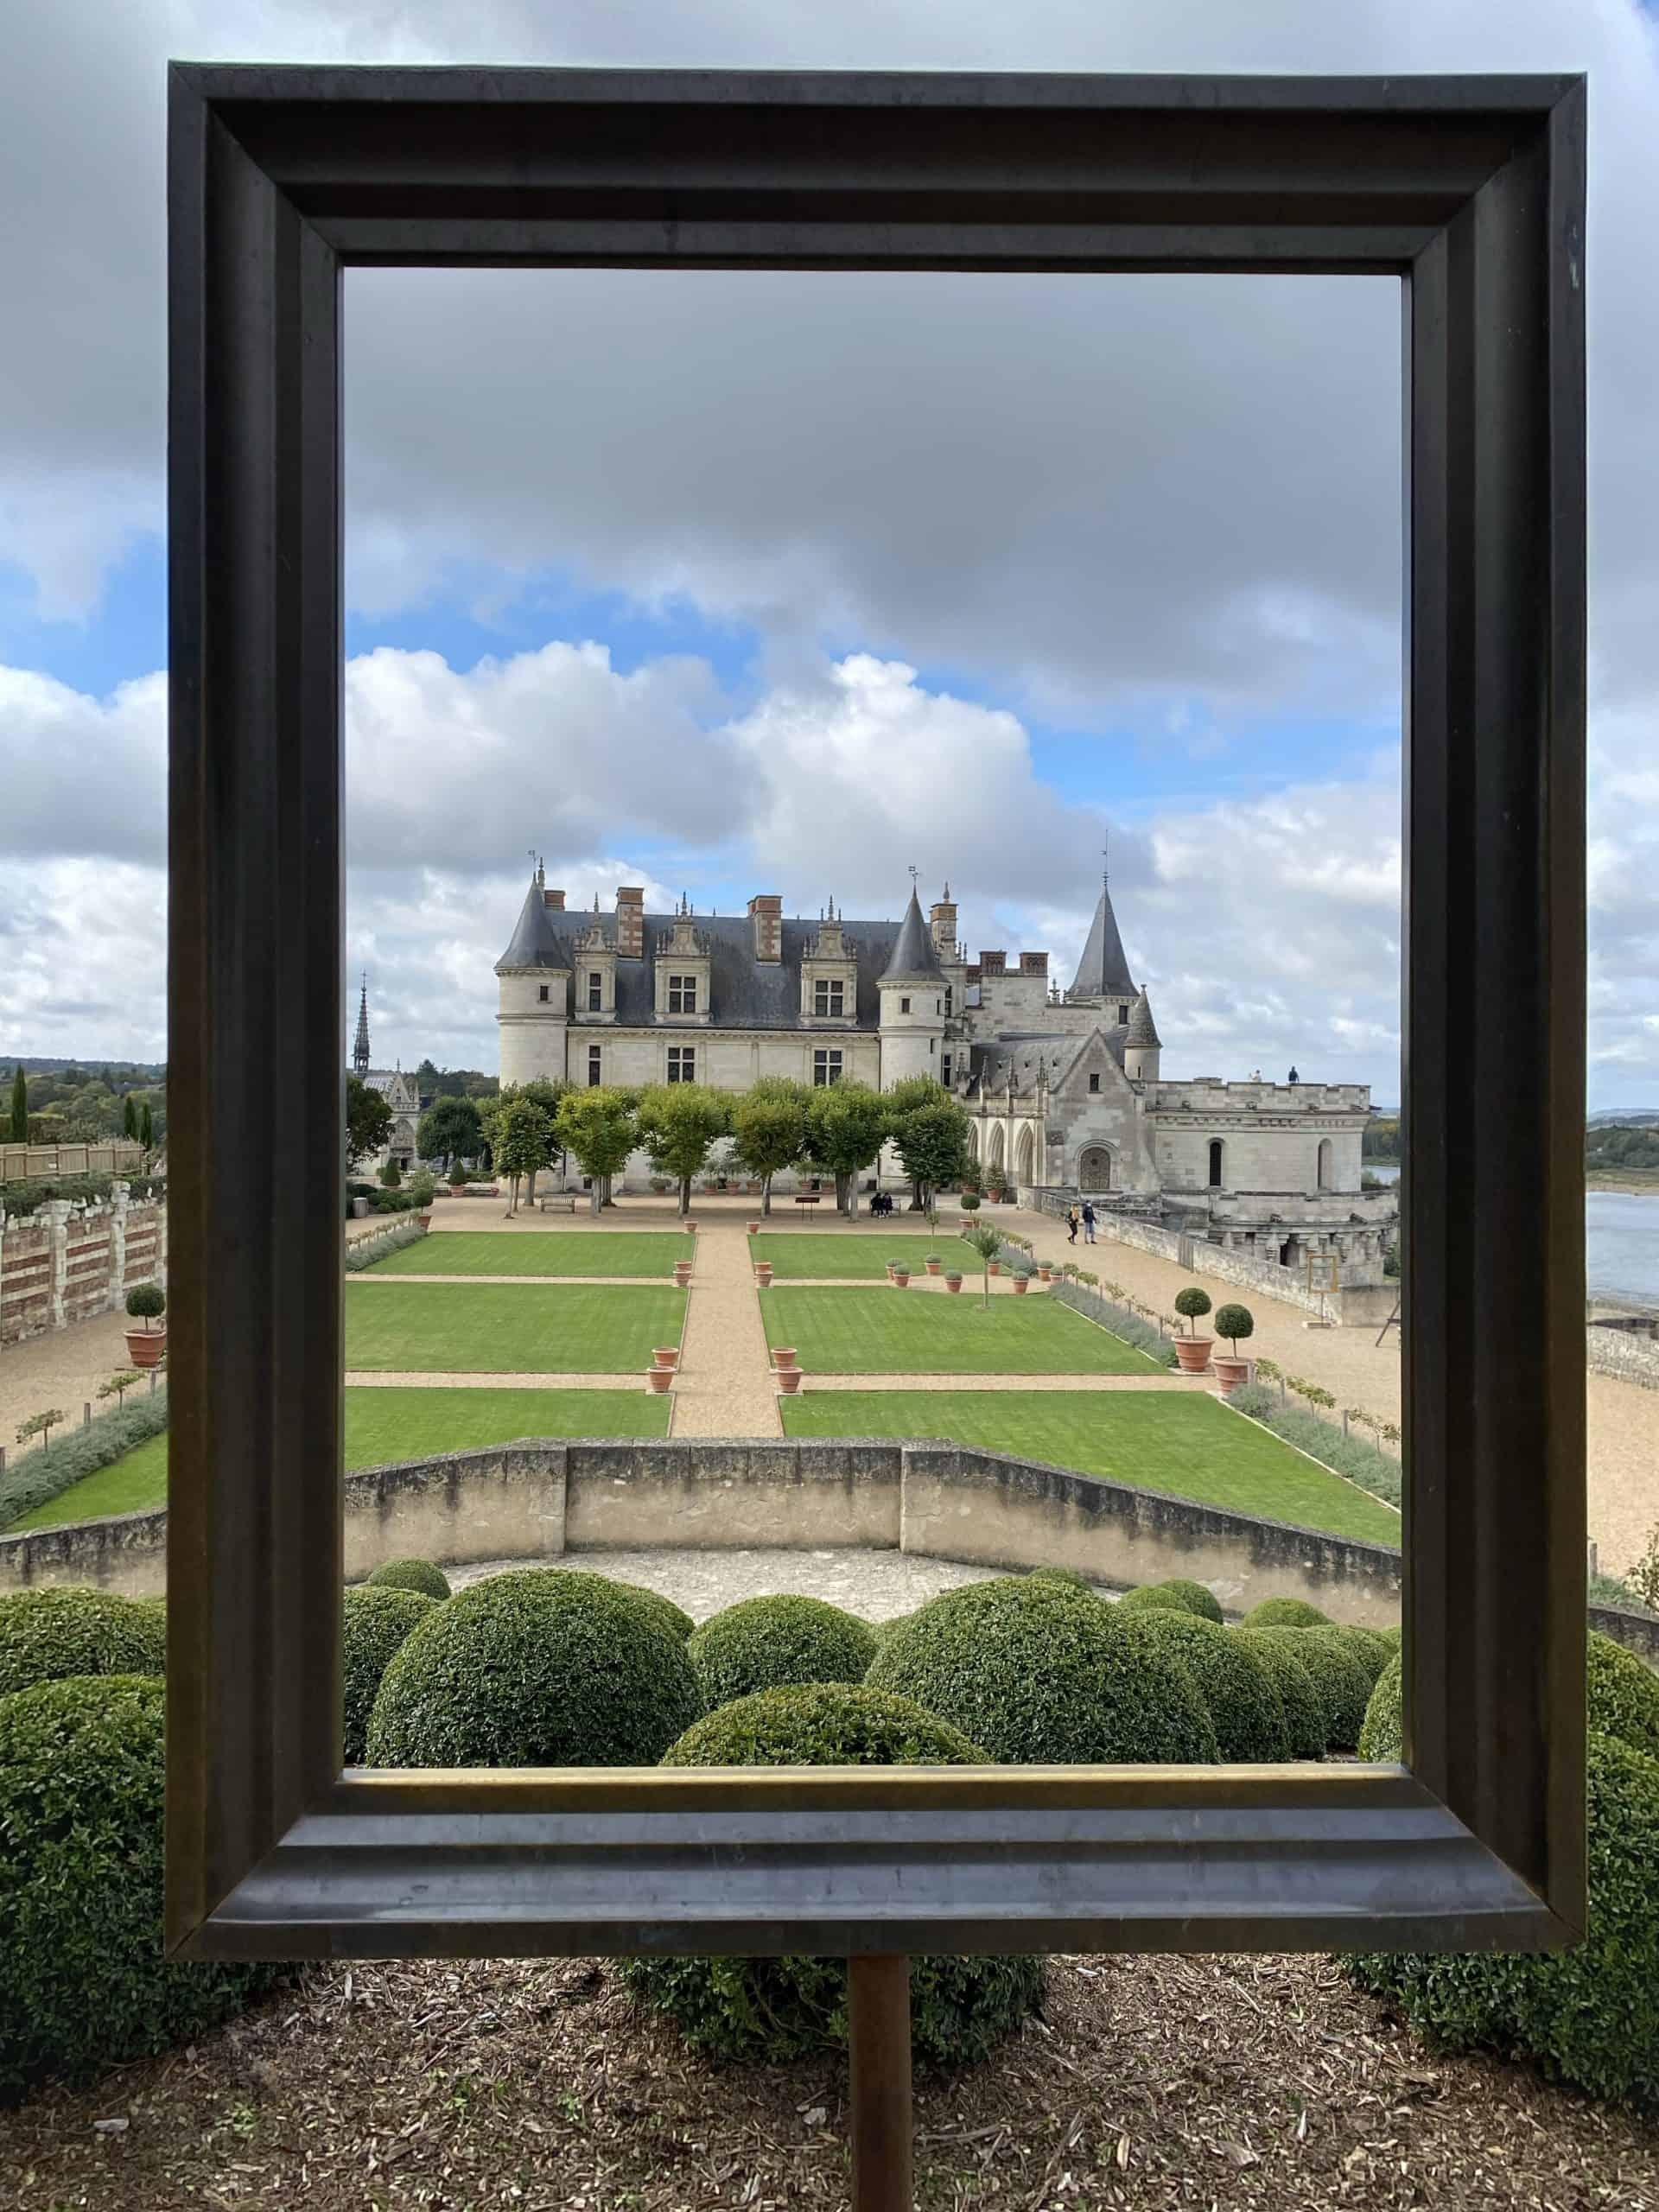 chateau d'amboise france castles